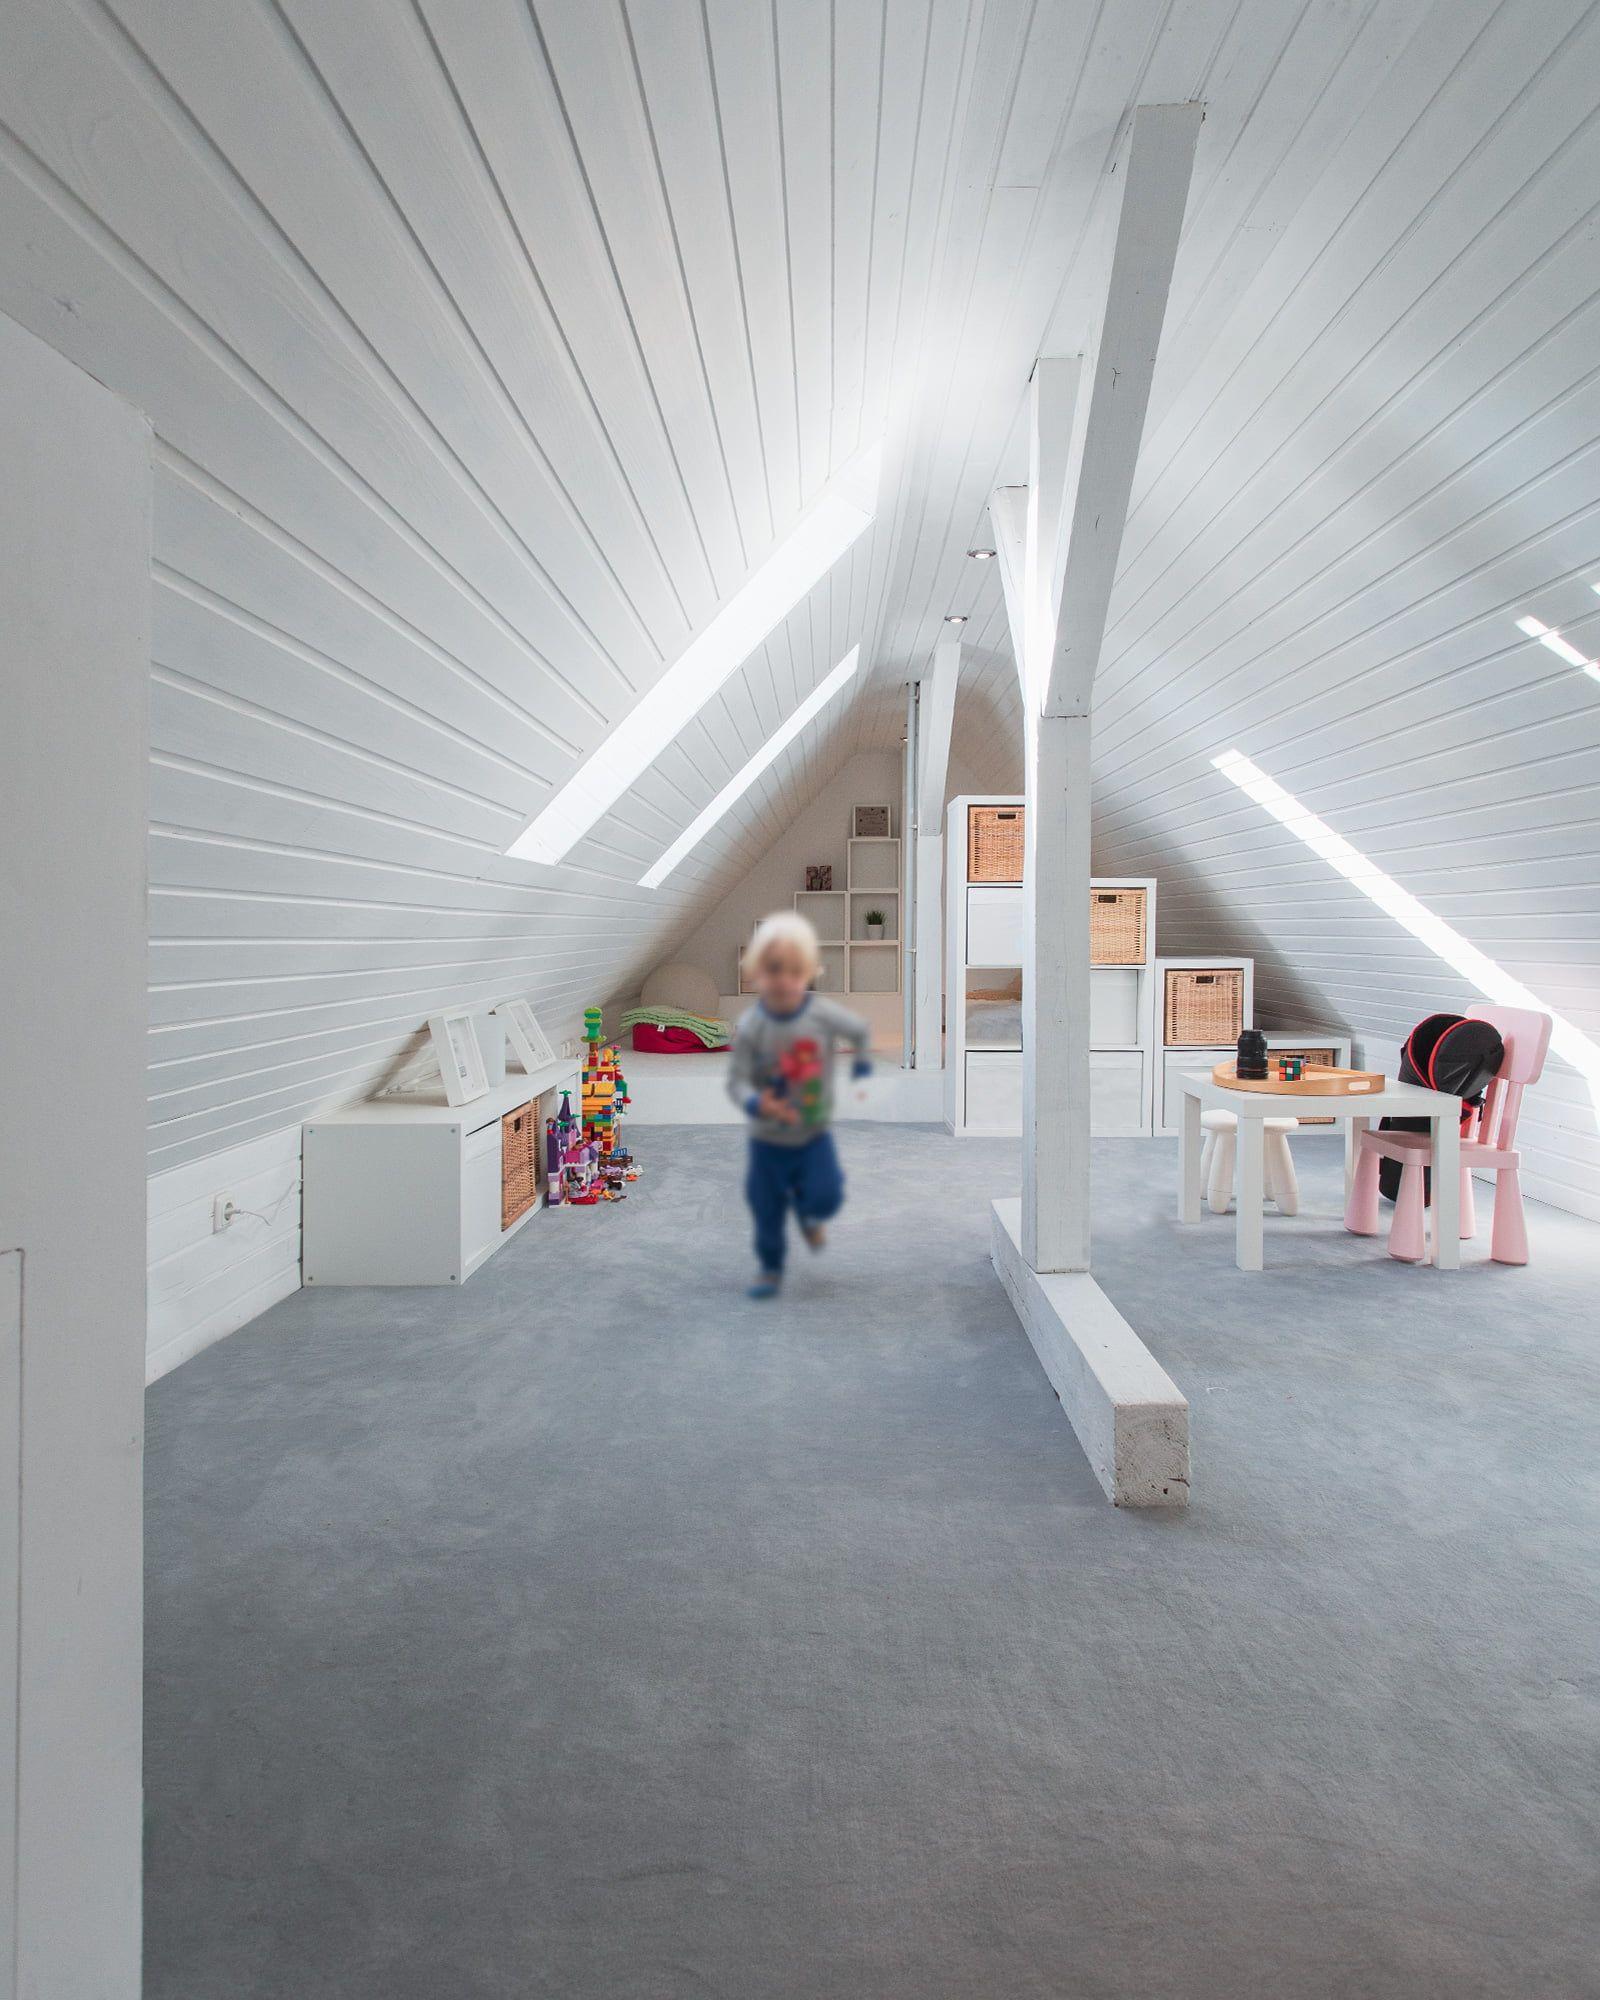 Spitzboden Ausbau Raumwirkung In 2020 Spitzboden Dachboden Renovierung Haus Renovierung Ideen